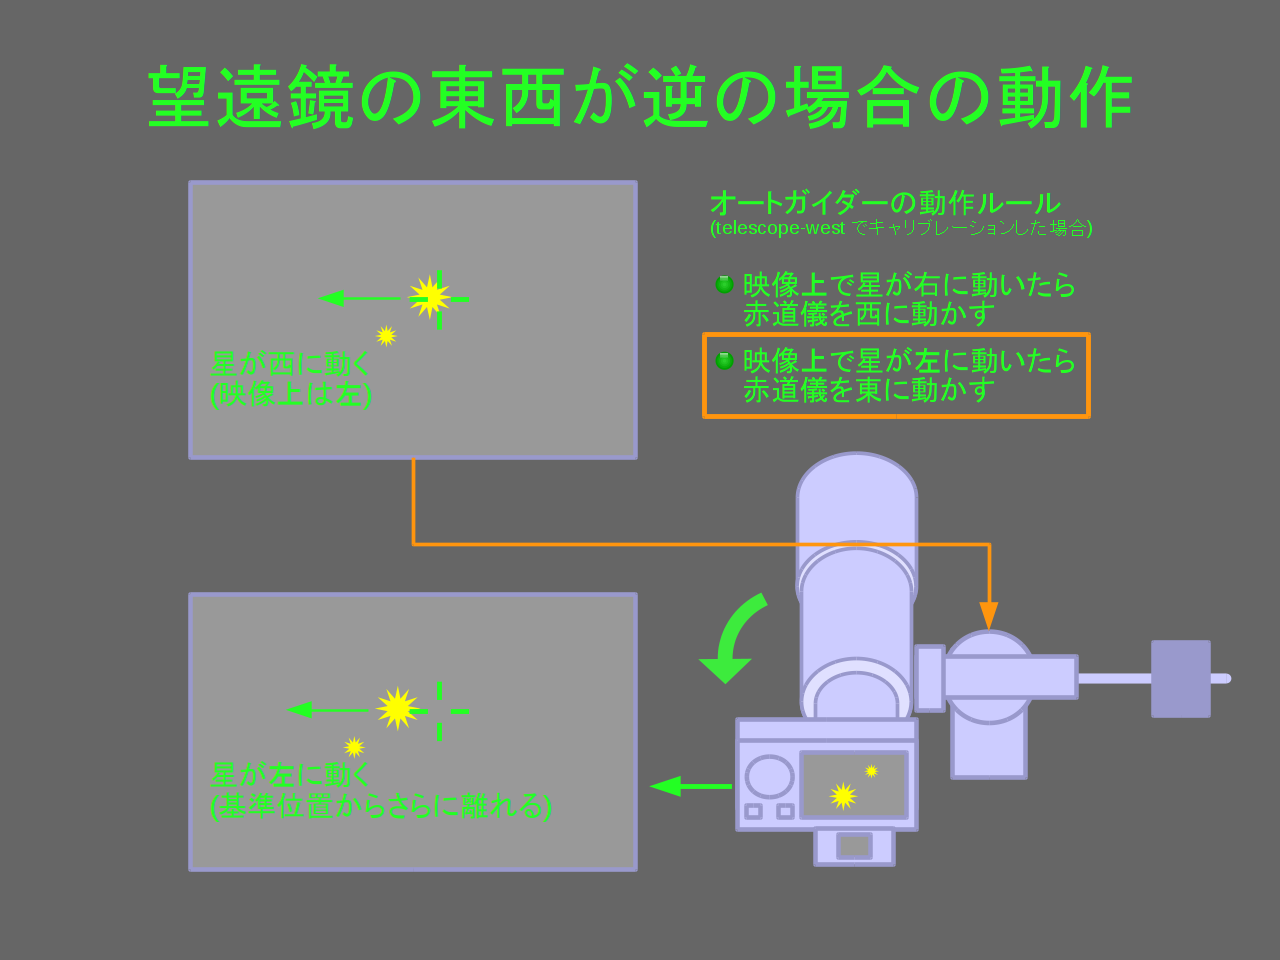 https://rna.sakura.ne.jp/share/telescope-flip-05.png